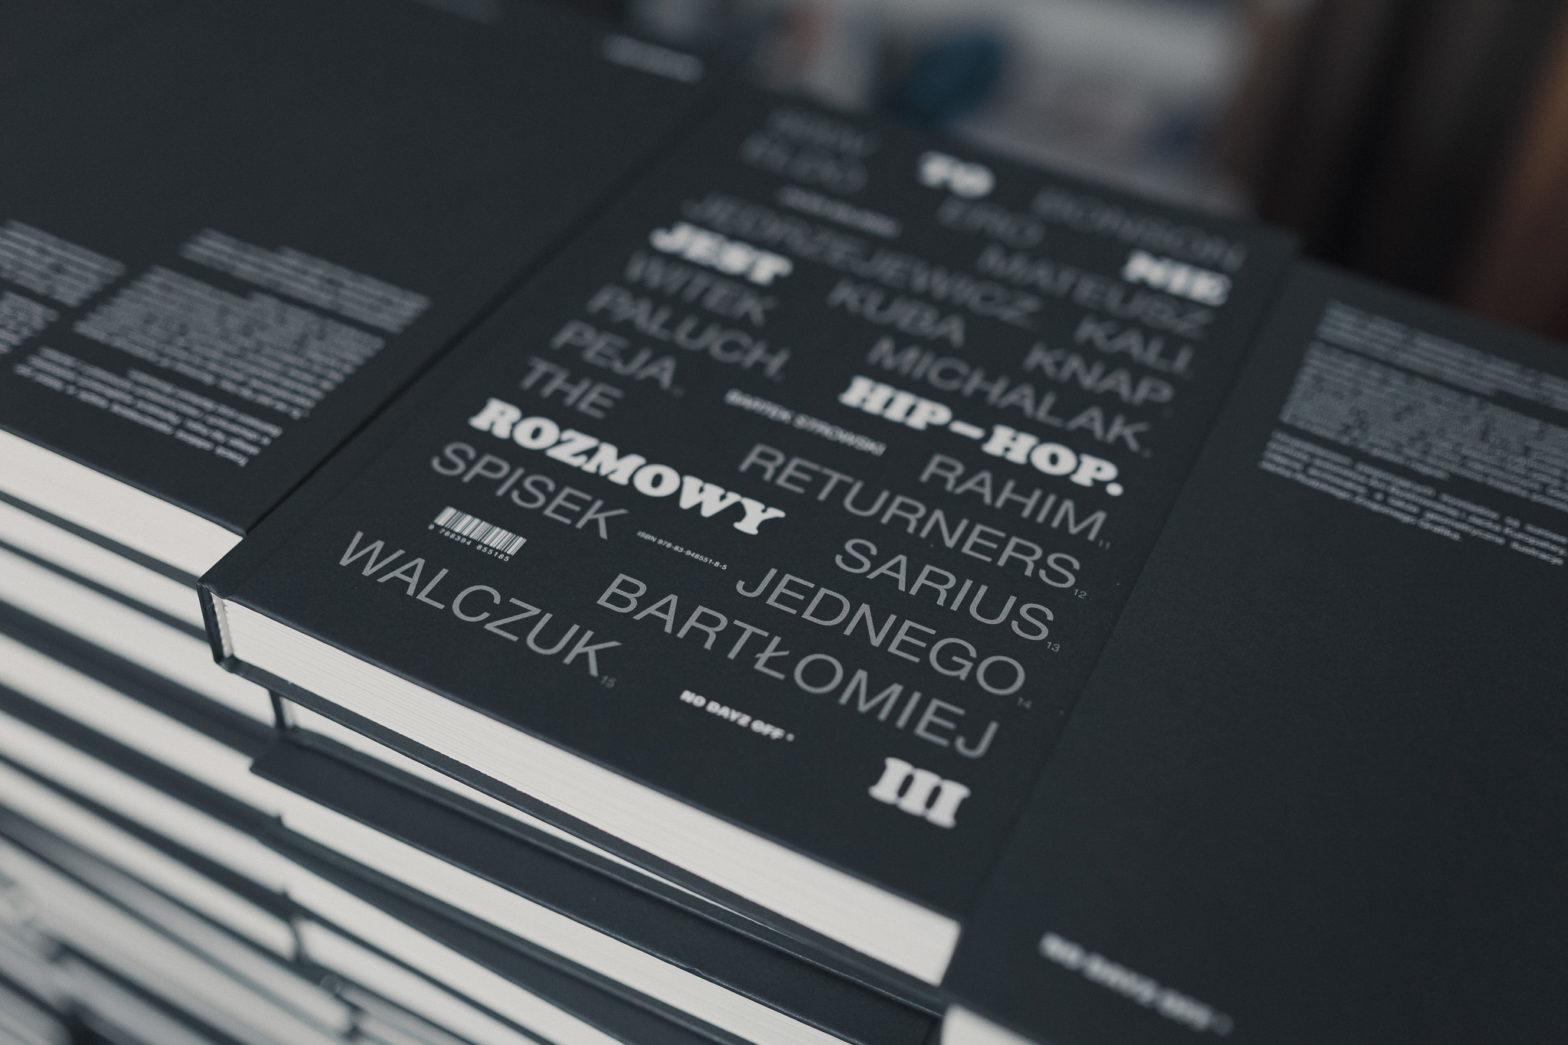 """Na czarnej okładce książki wydrukowane są pseudonimy raperów oraz pogrubiony tytuł """"To nie jest hip-hop. Rozmowy""""."""